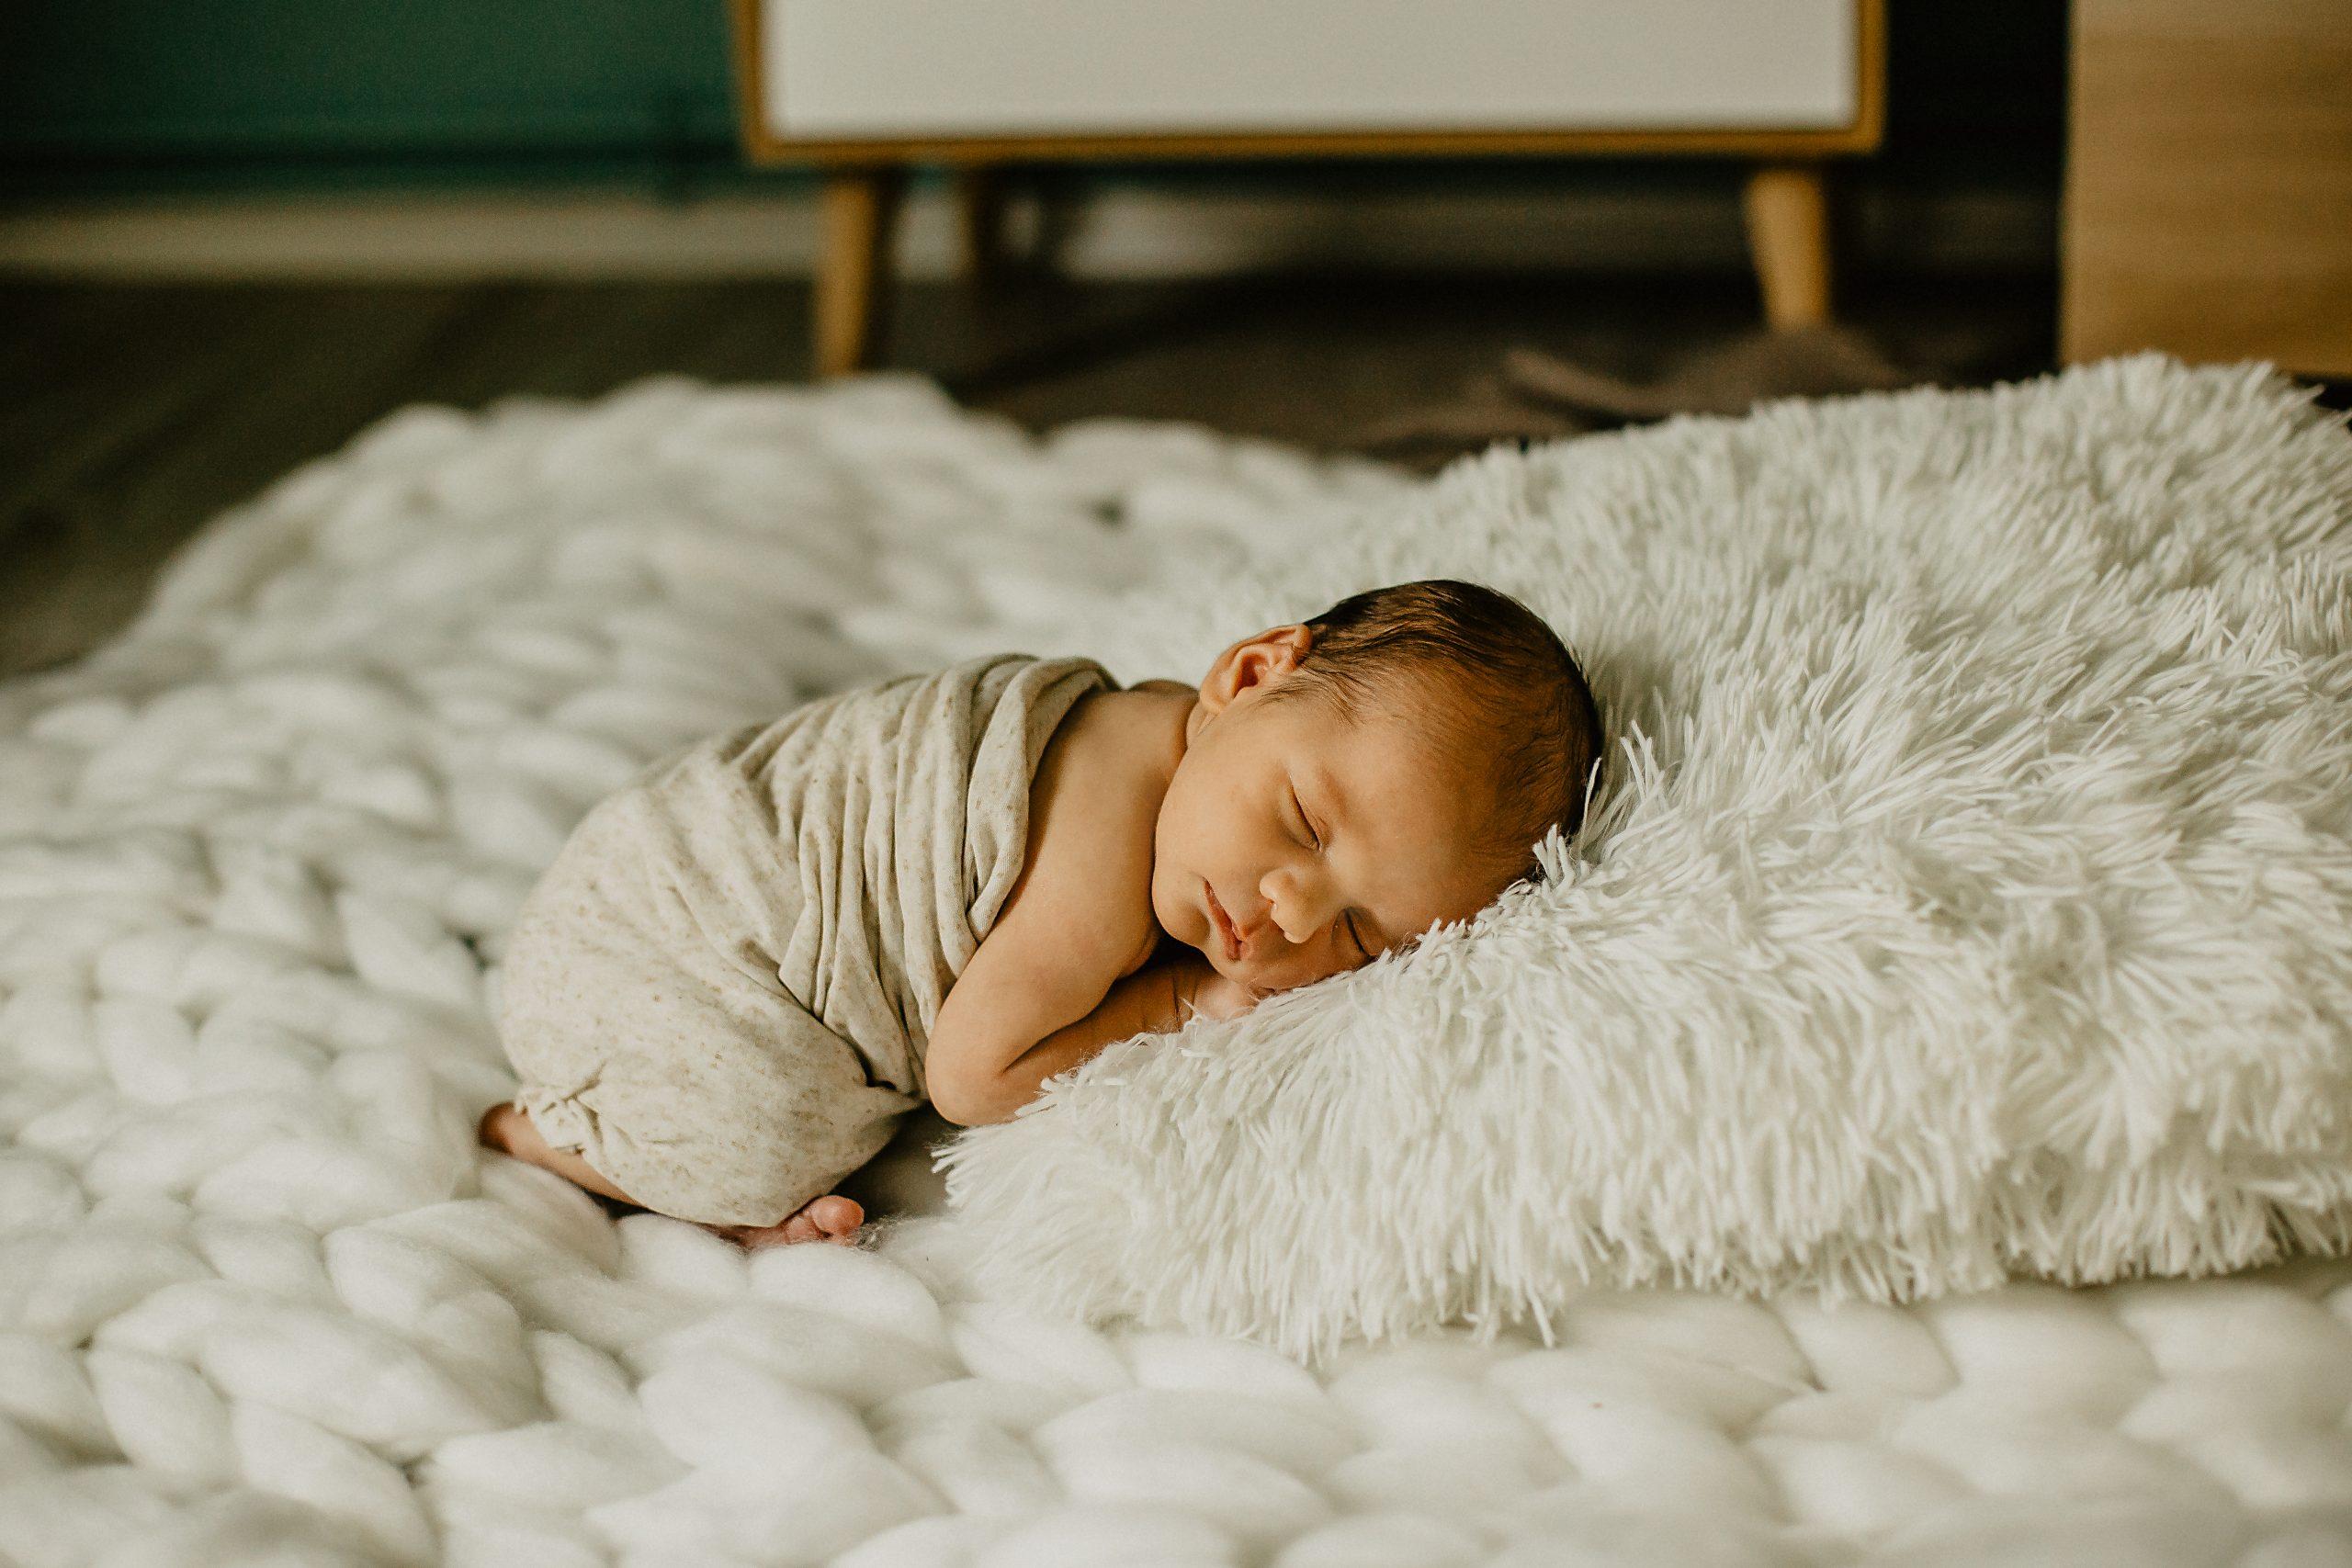 Virginie M. Photos-séance à domicile-bébé-naissance-lifestyle-amour-famille-photographe Lille-Nord-Lille-photos-nouveau né (27)